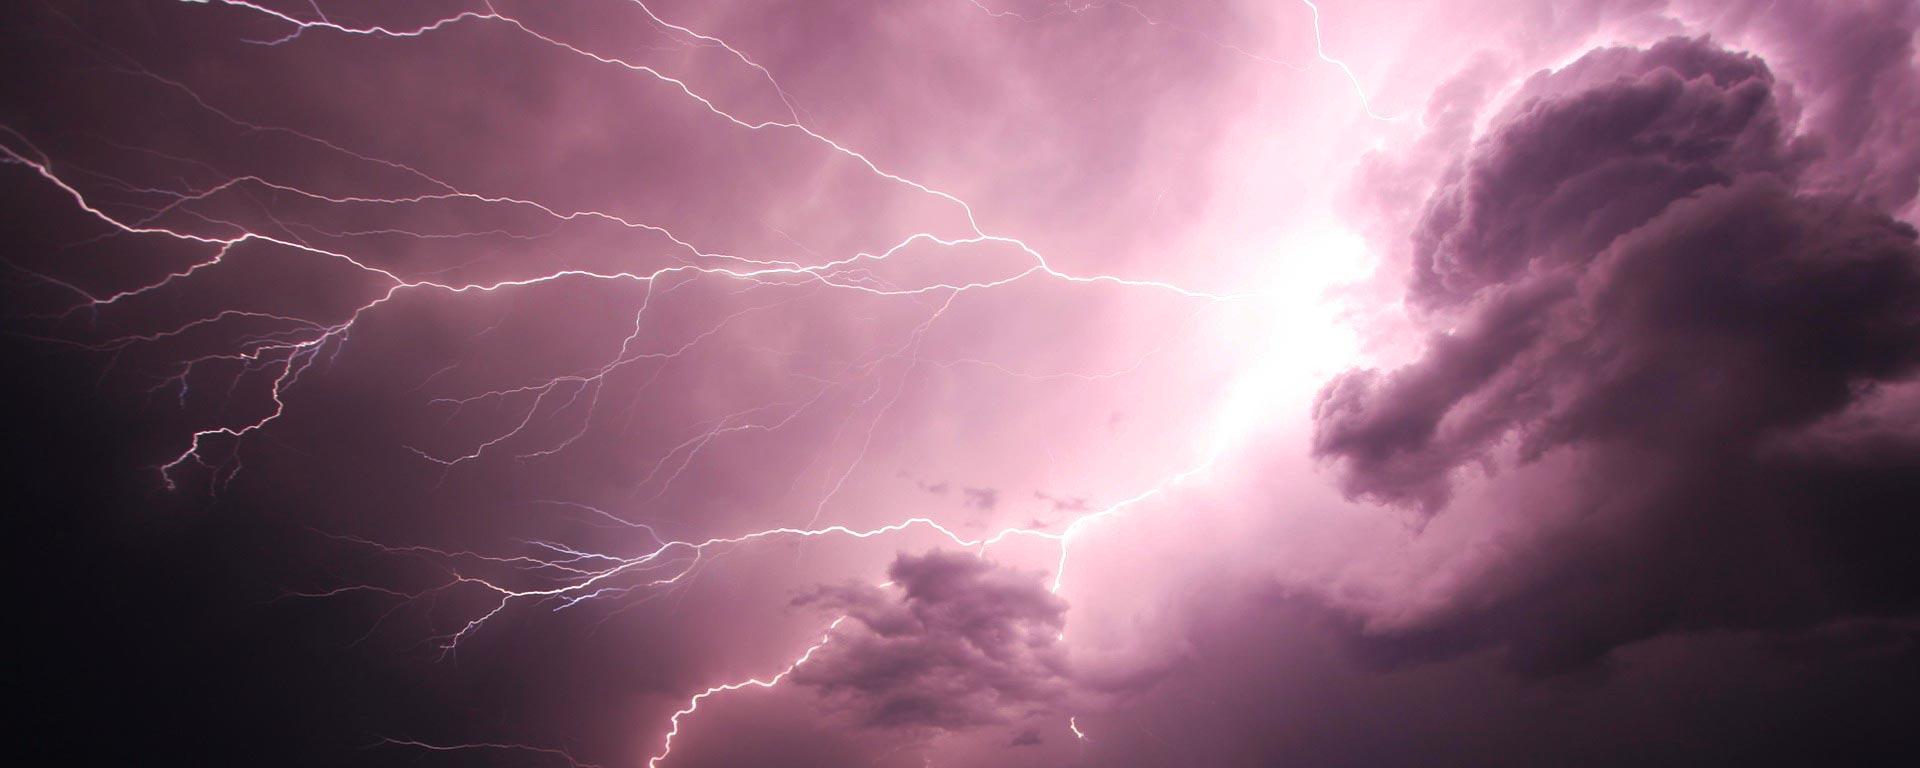 Moln och blixtar